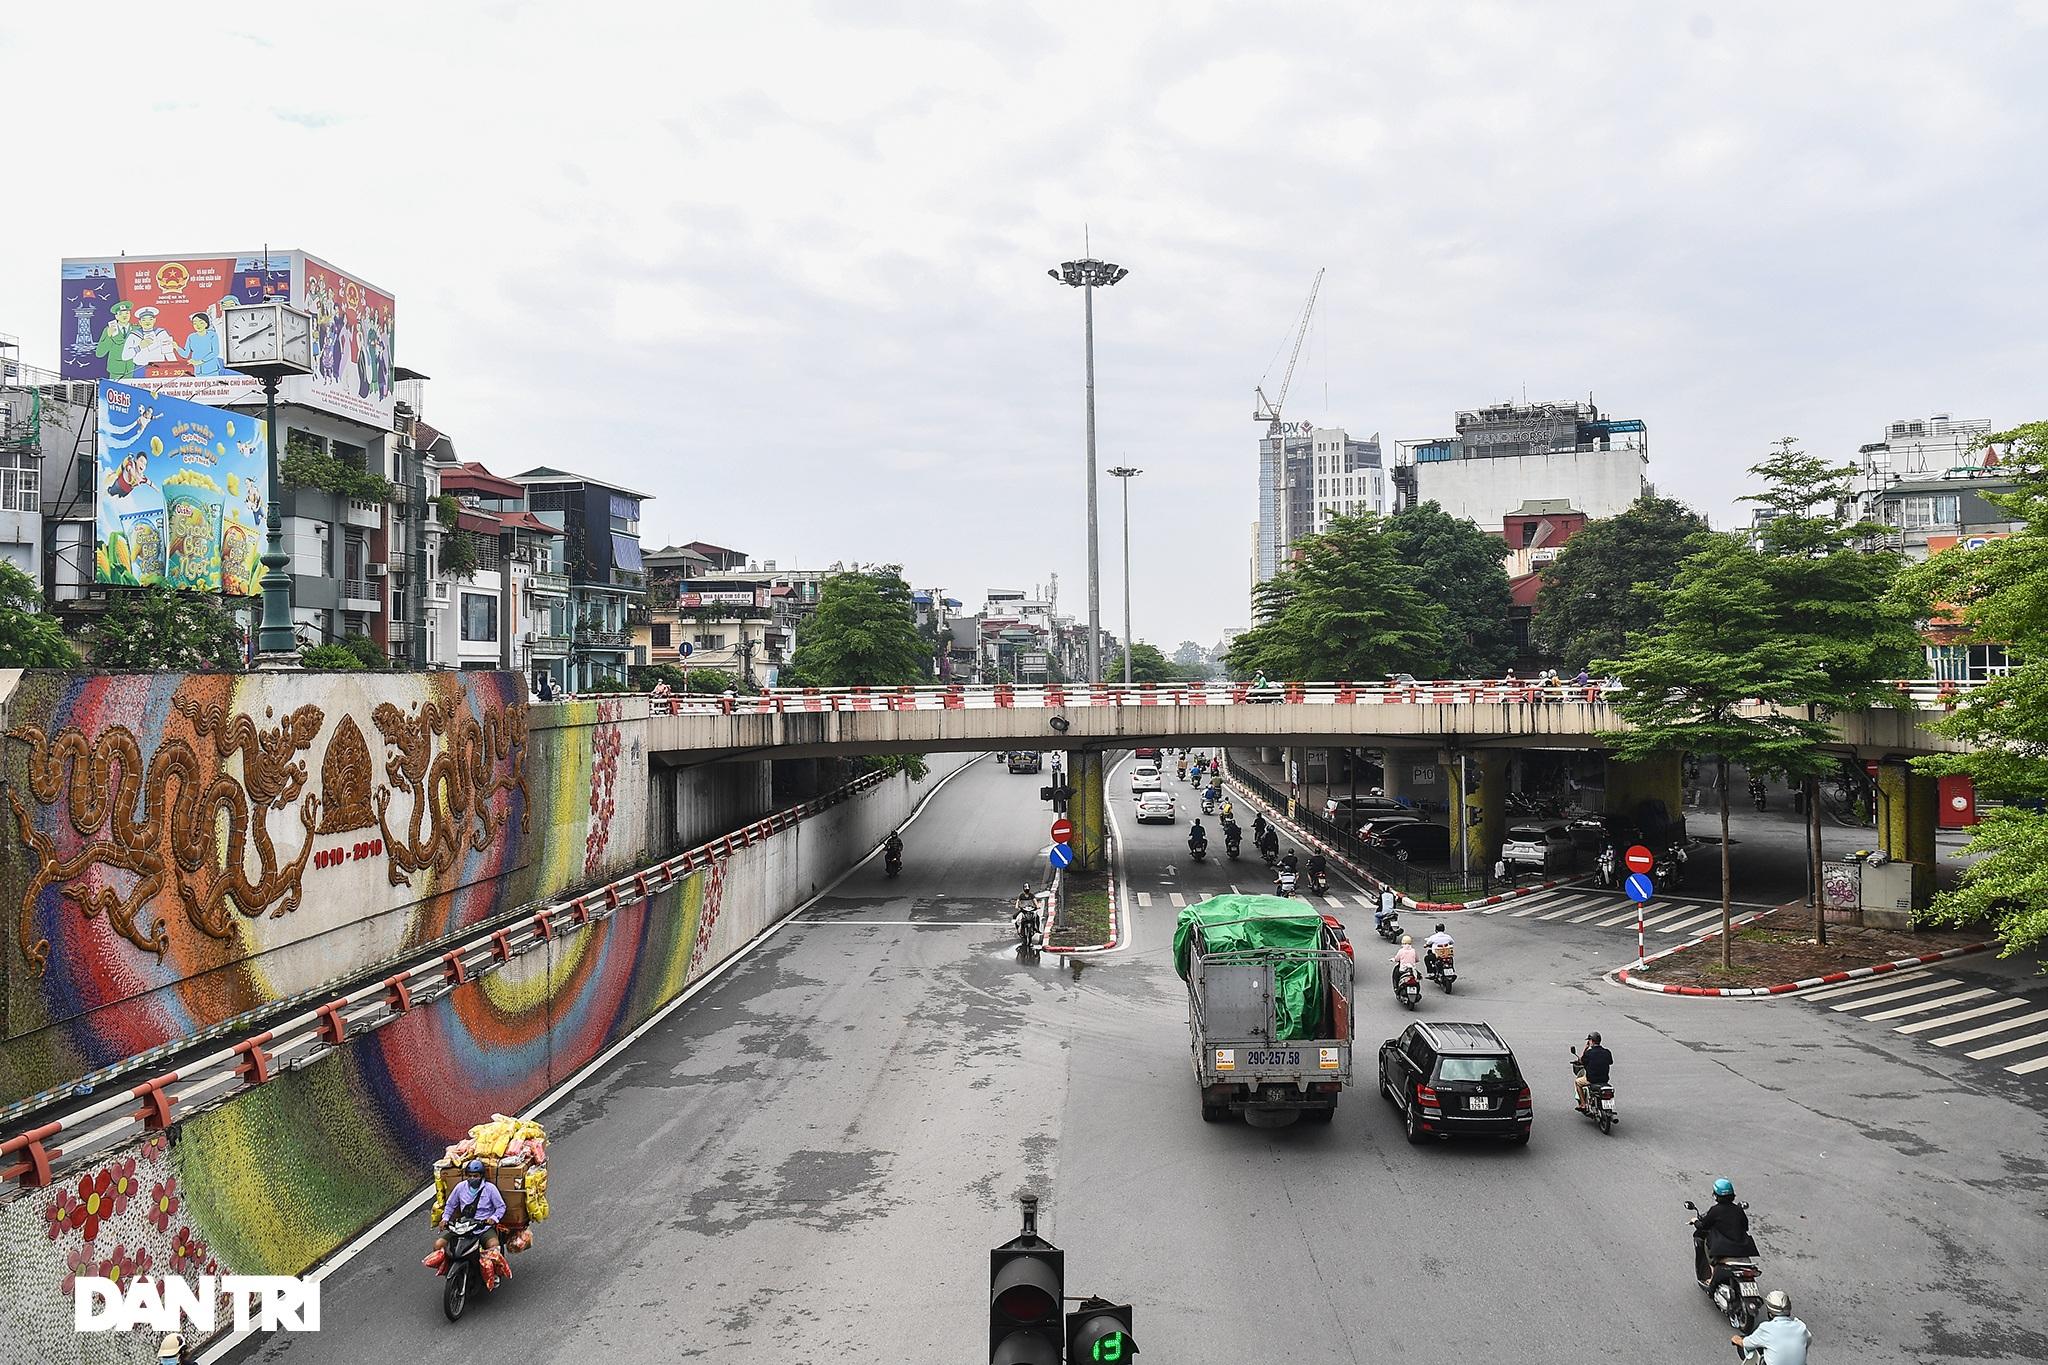 Hà Nội ngày đầu thực hiện Chỉ thị 16: Đường phố vắng, chợ dân sinh đông đúc - 17